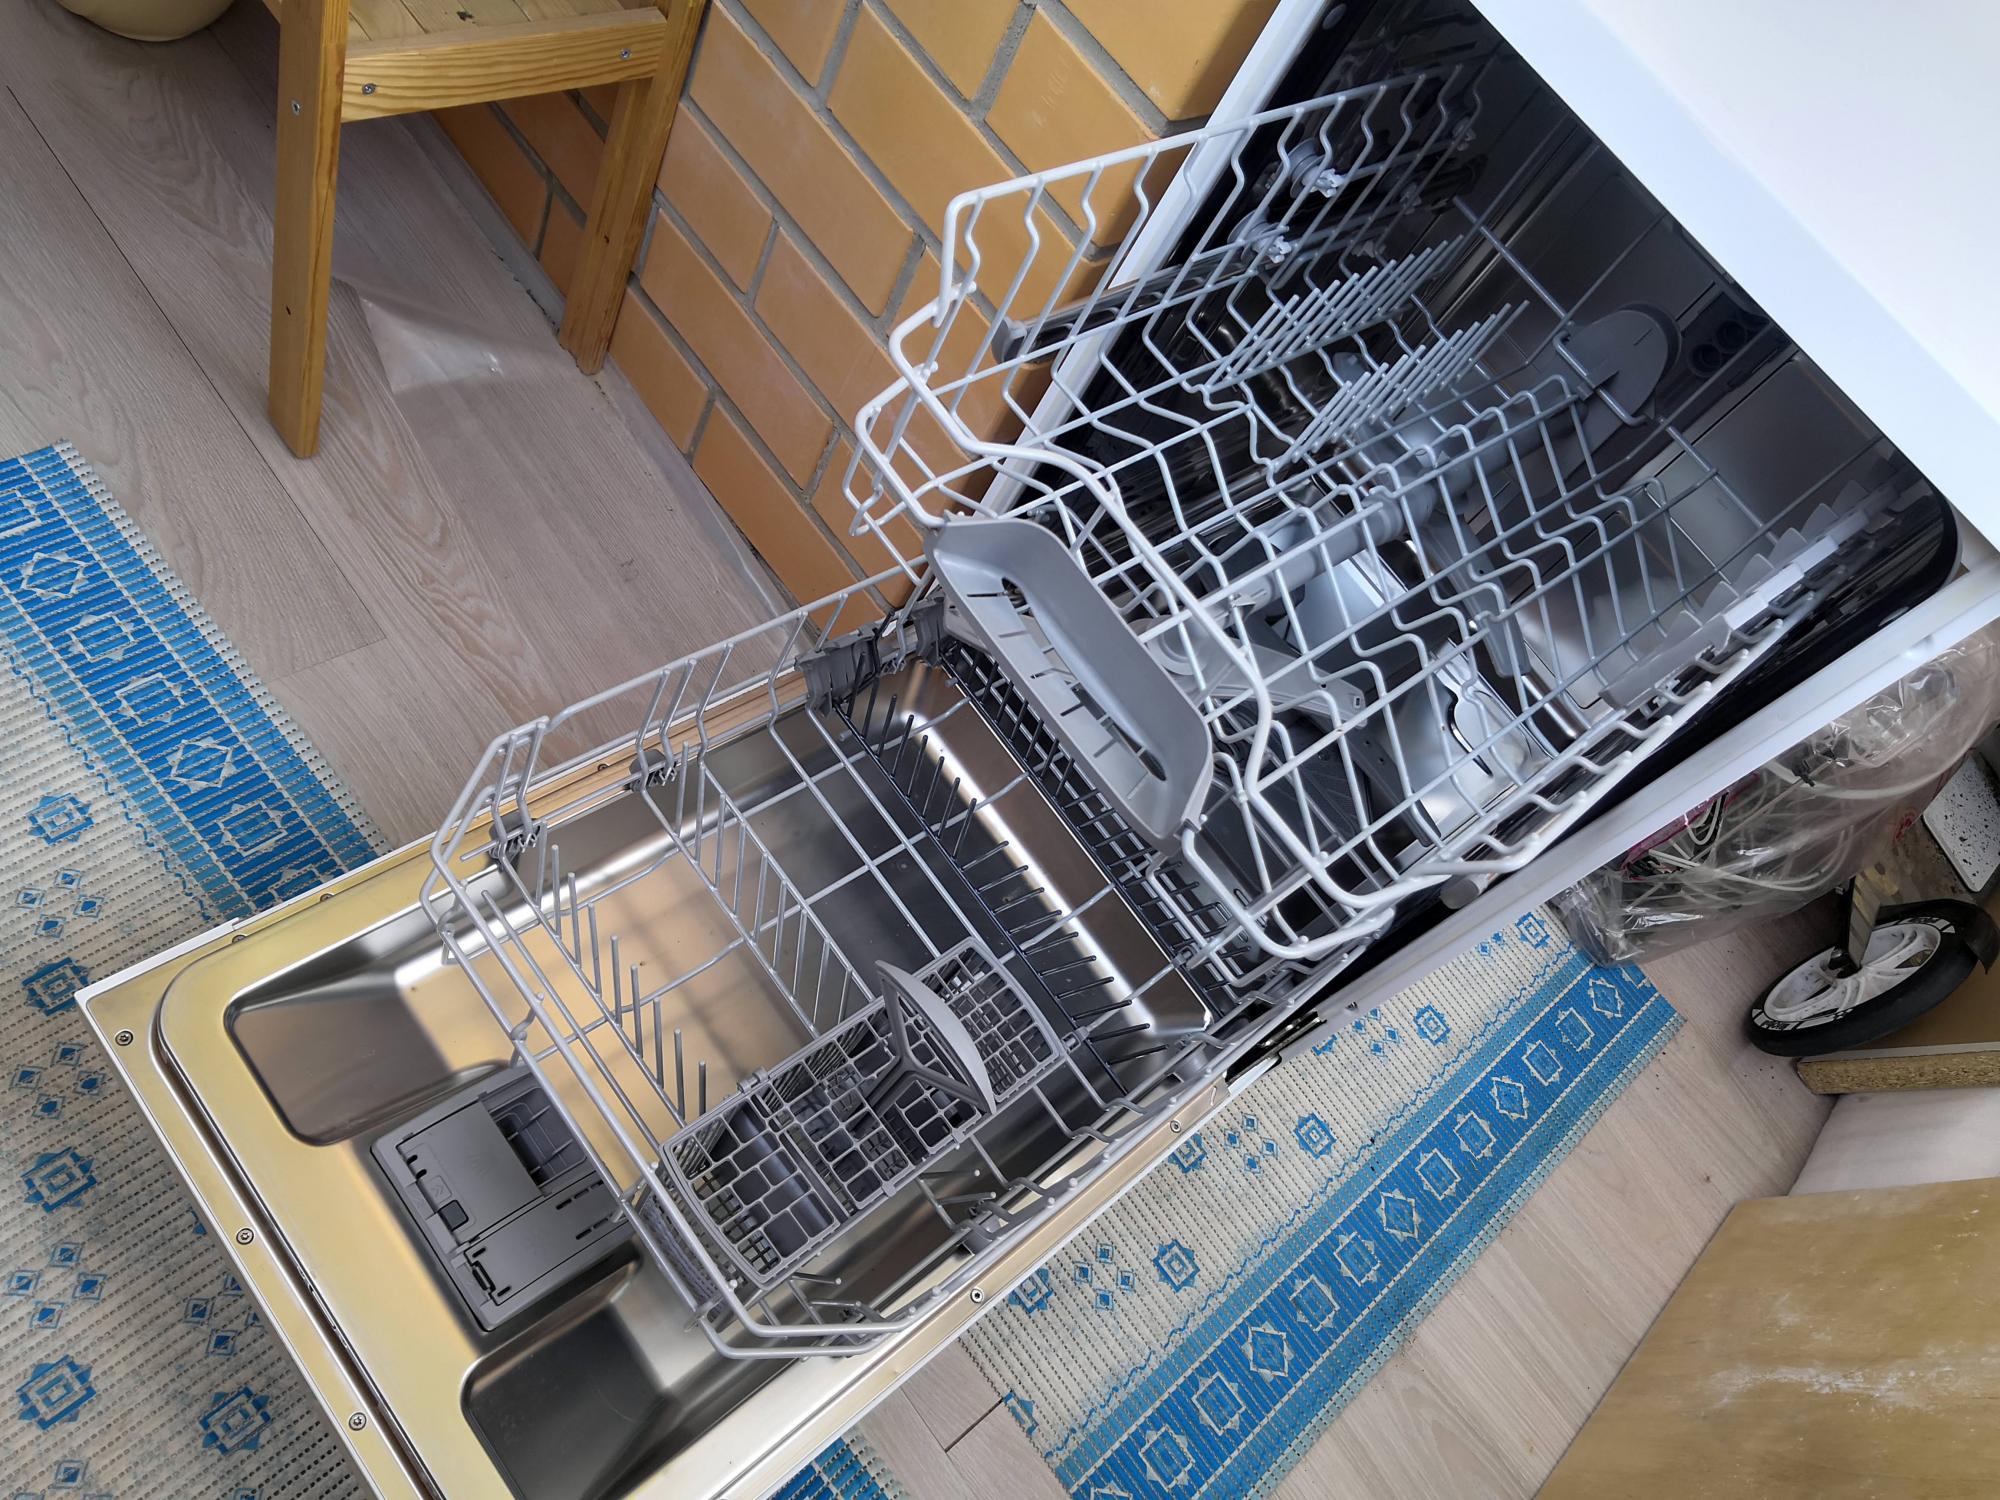 Посудомоечная машина Bosh б/у с аквастопом в Долгопрудном 89055425300 купить 3